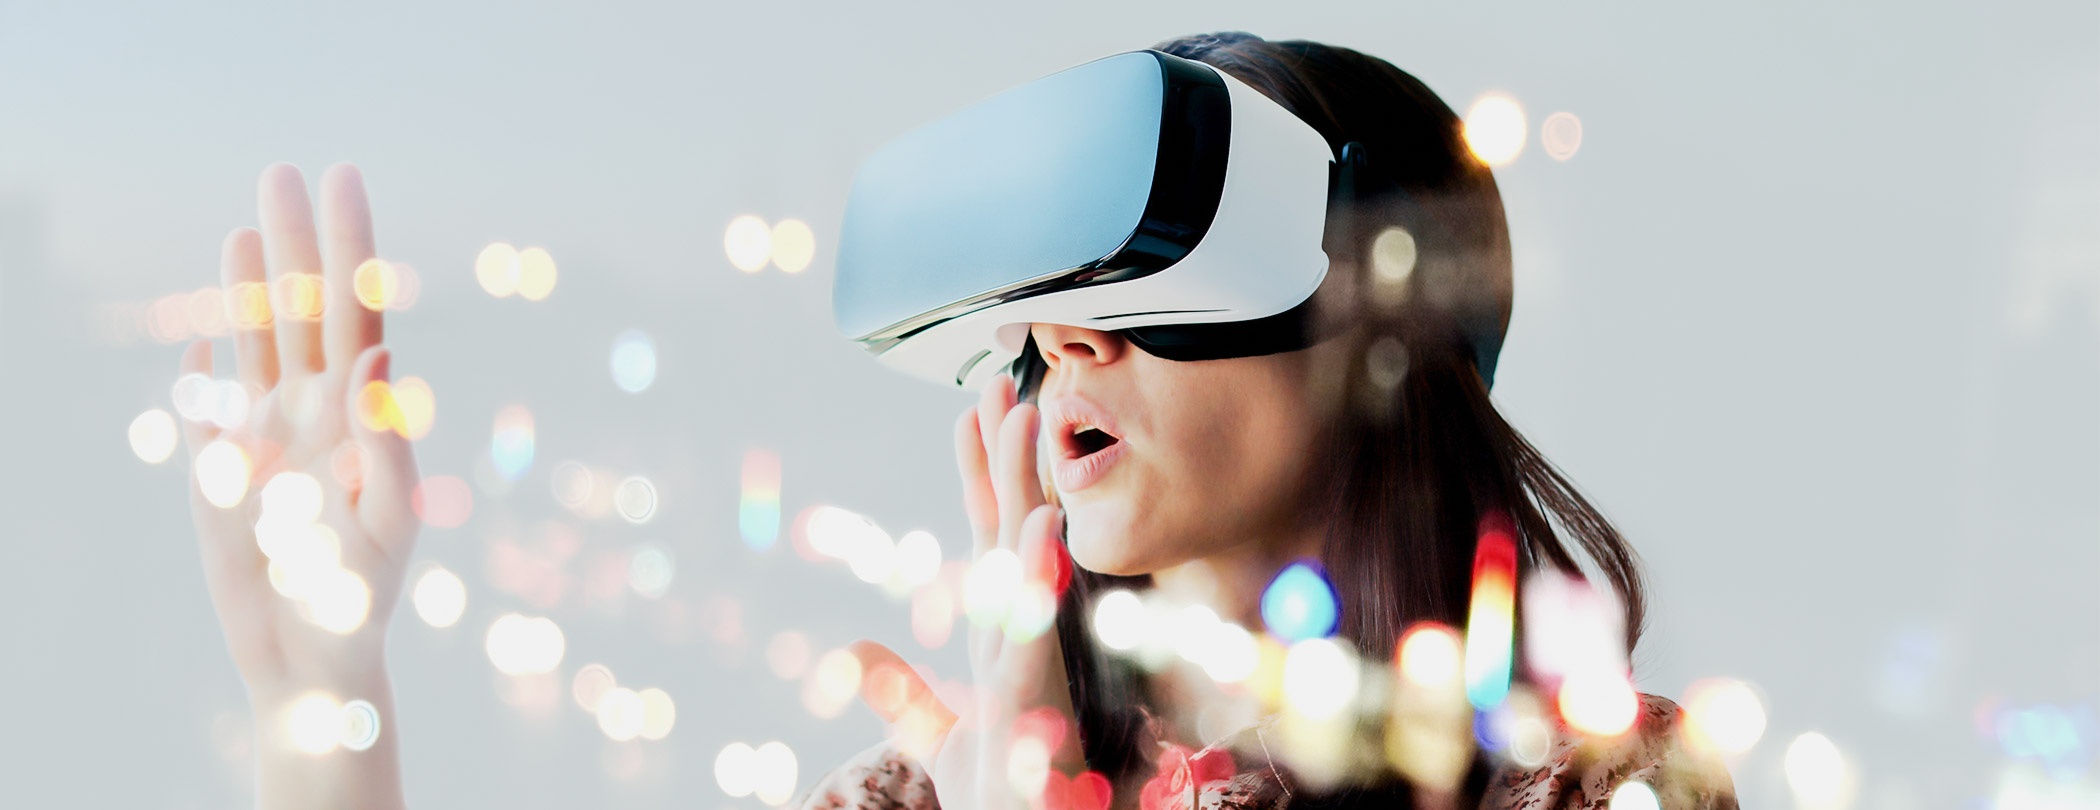 Teknolojinin hızına kendi imkânlarımızla yetişmek, günümüz yenilikleri karşısında imkansız bir hal aldı. KızlarSoruyor'un teknoloji kategorisinde en yeni teknolojik gelişmeler hakkında üyelerle bilgi alışverişinde bulunabilir, yaşadığınız bir teknik problem karşısında hızlıca çözüm bulabilirsiniz.